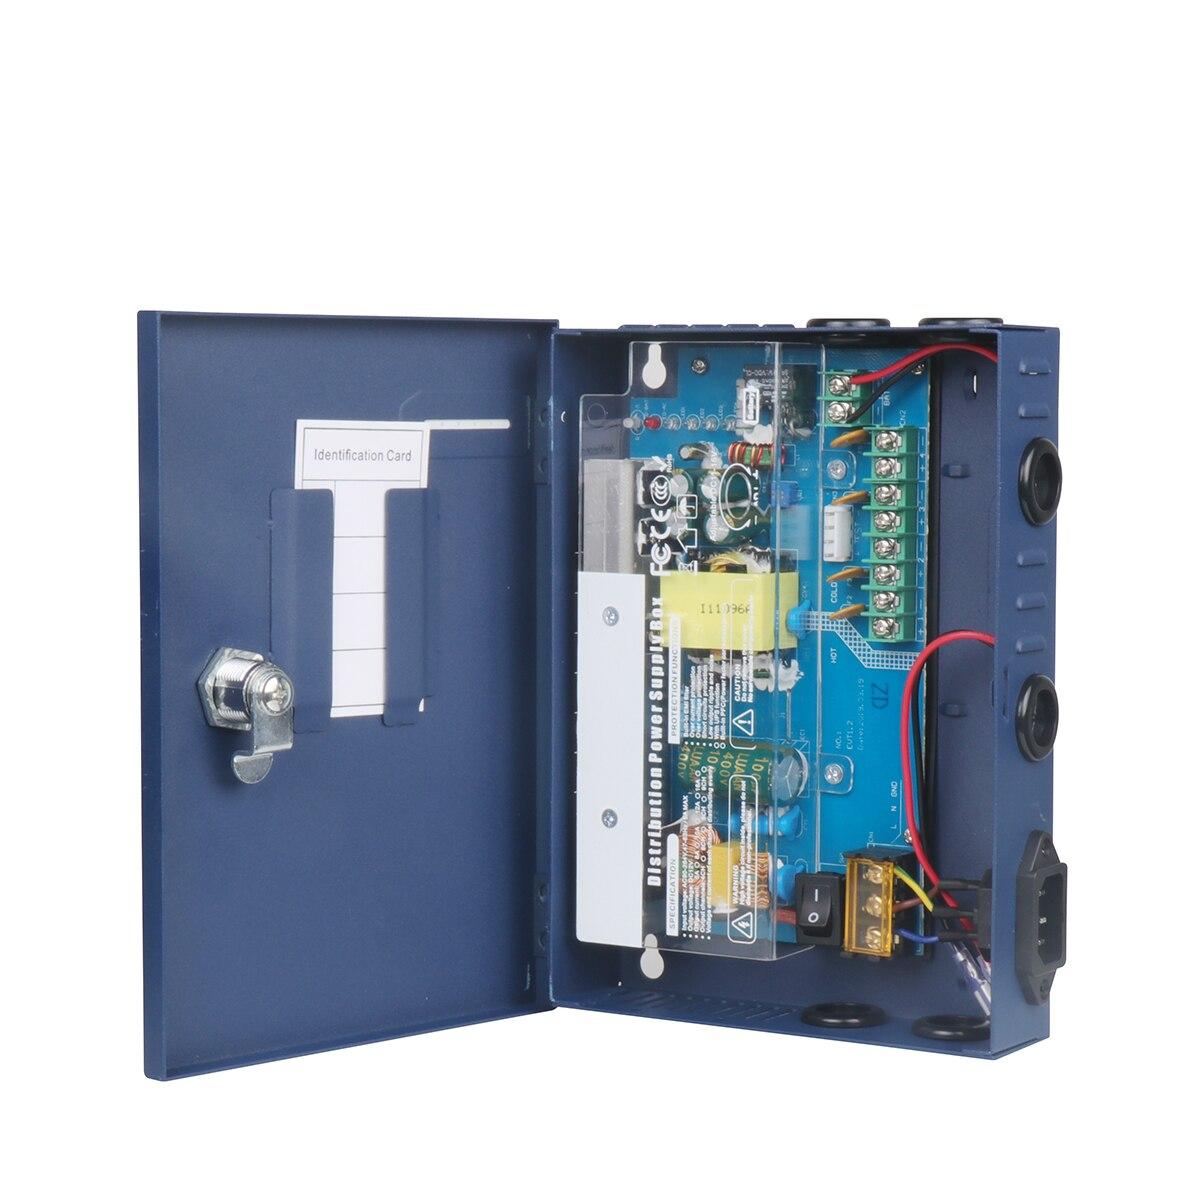 Input 100-240V 4 CH 60W 12V DC 5A Output Boxed Power Supply CCTV